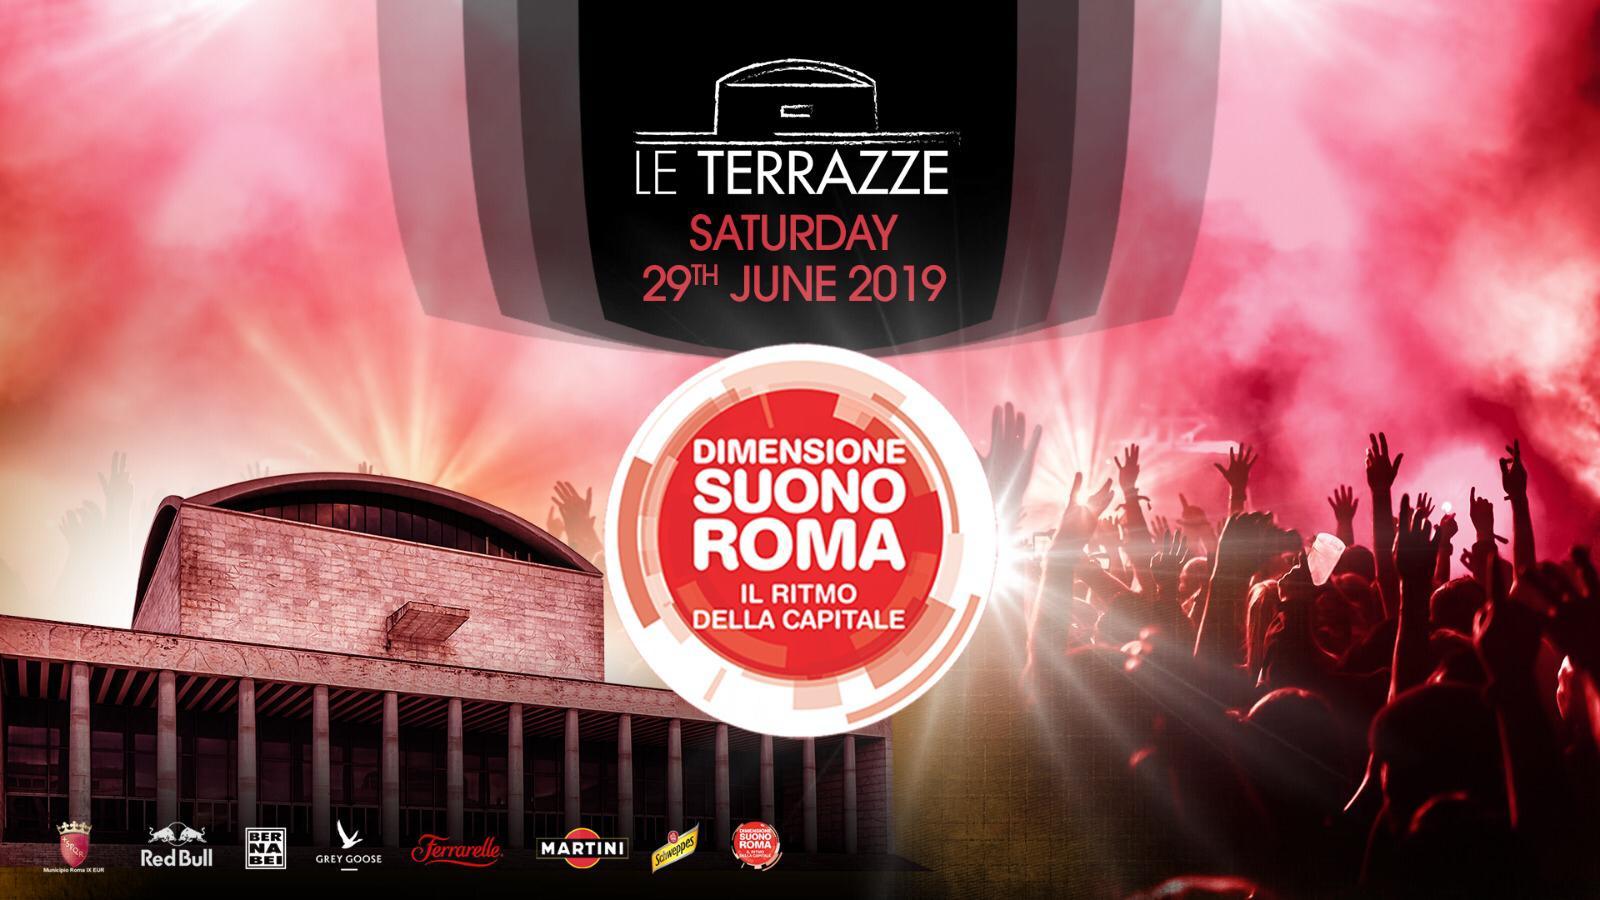 Le Terrazze Eur Roma Sabato 29 Giugno 2019 Discoteche Roma